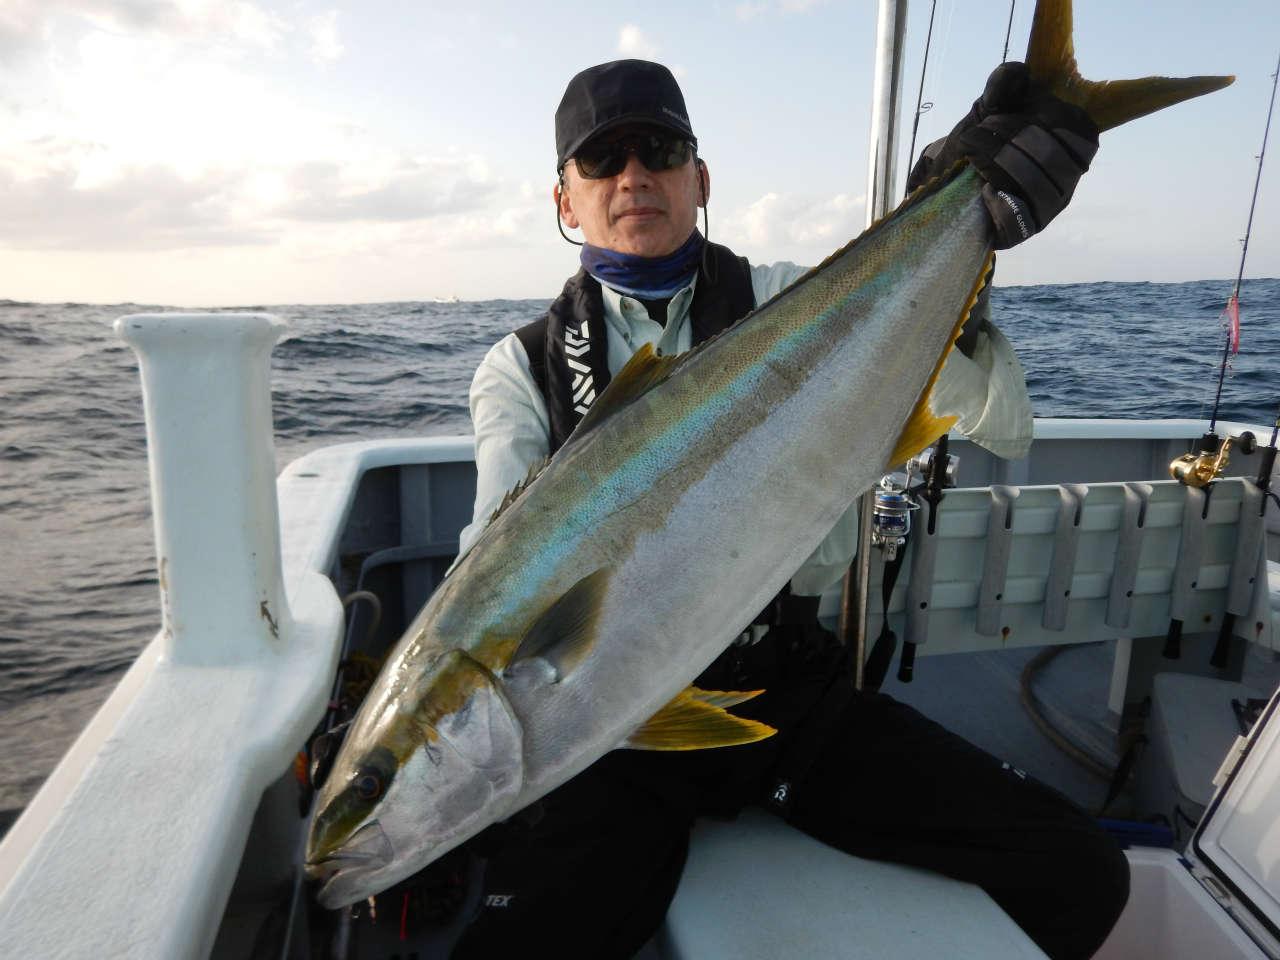 20210403 久しぶりのヒラマサ5.6キロをゲット ルアー・ジギング船魚拓号 最新情報